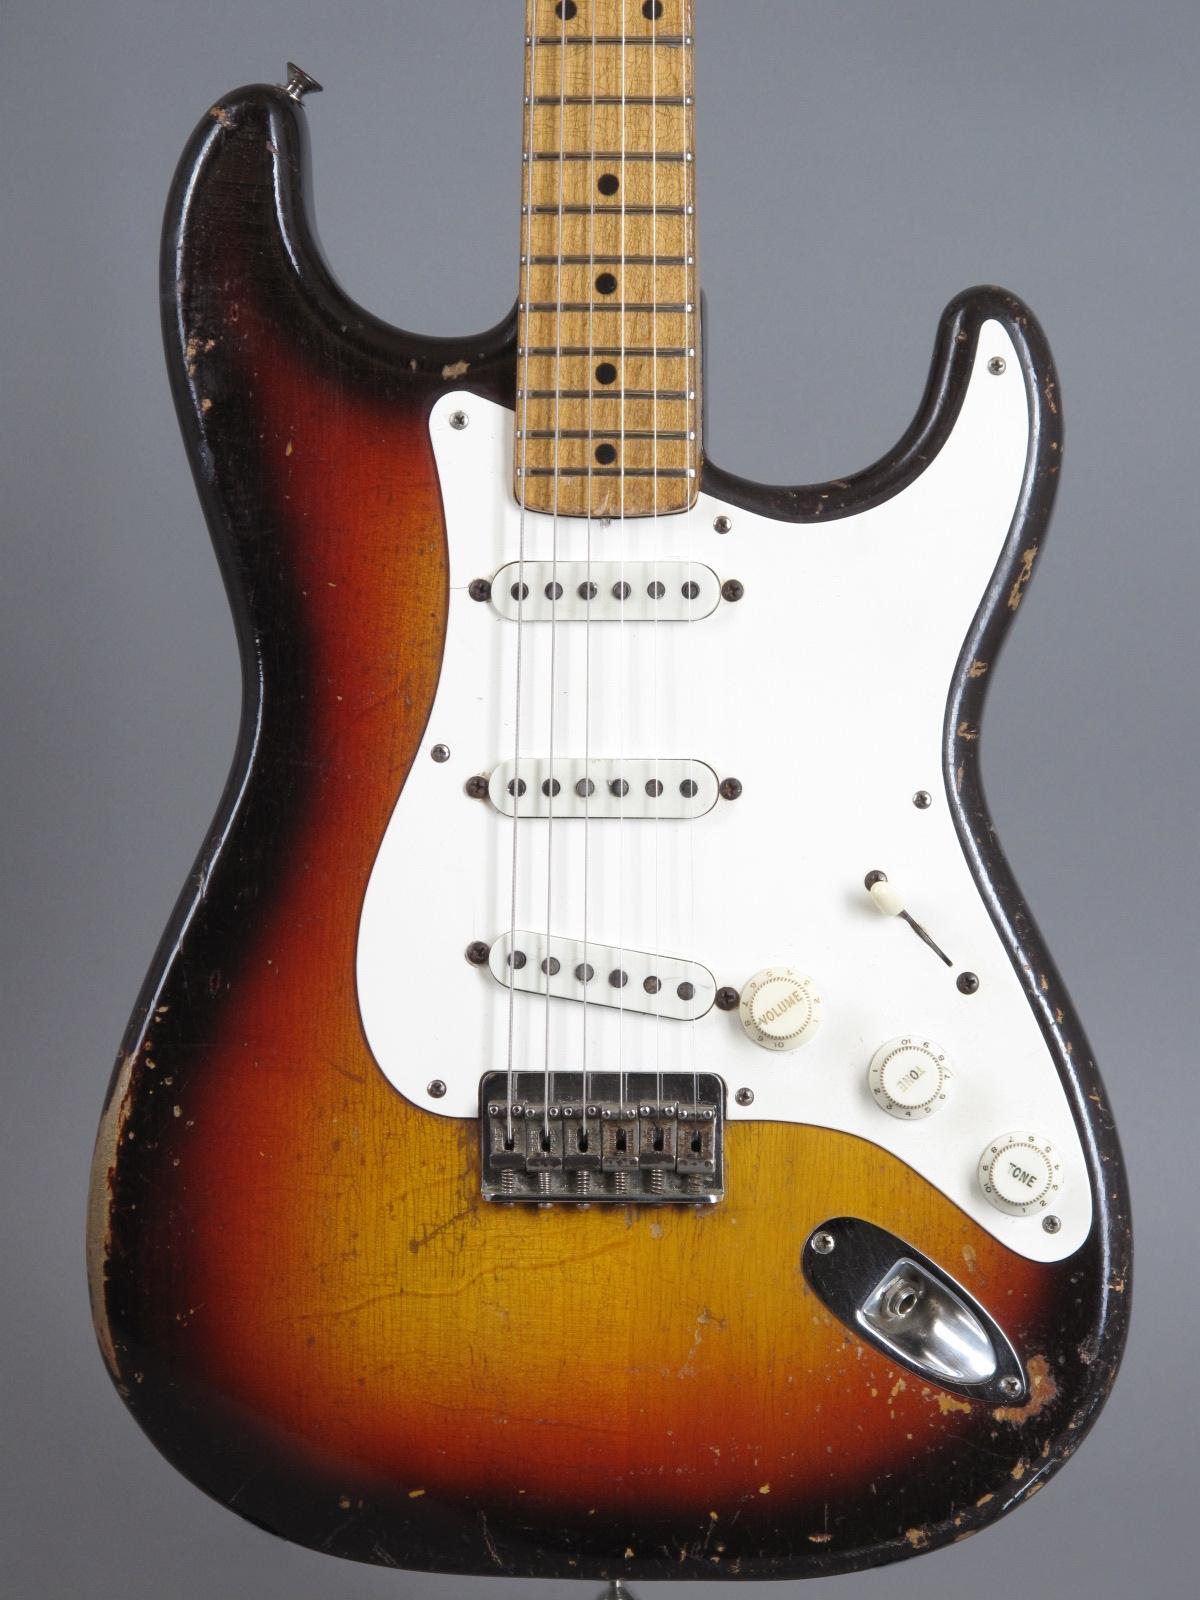 1958 Fender Stratocaster Hardtail - 3-t Sunburst ...only 2,99 Kg !!!